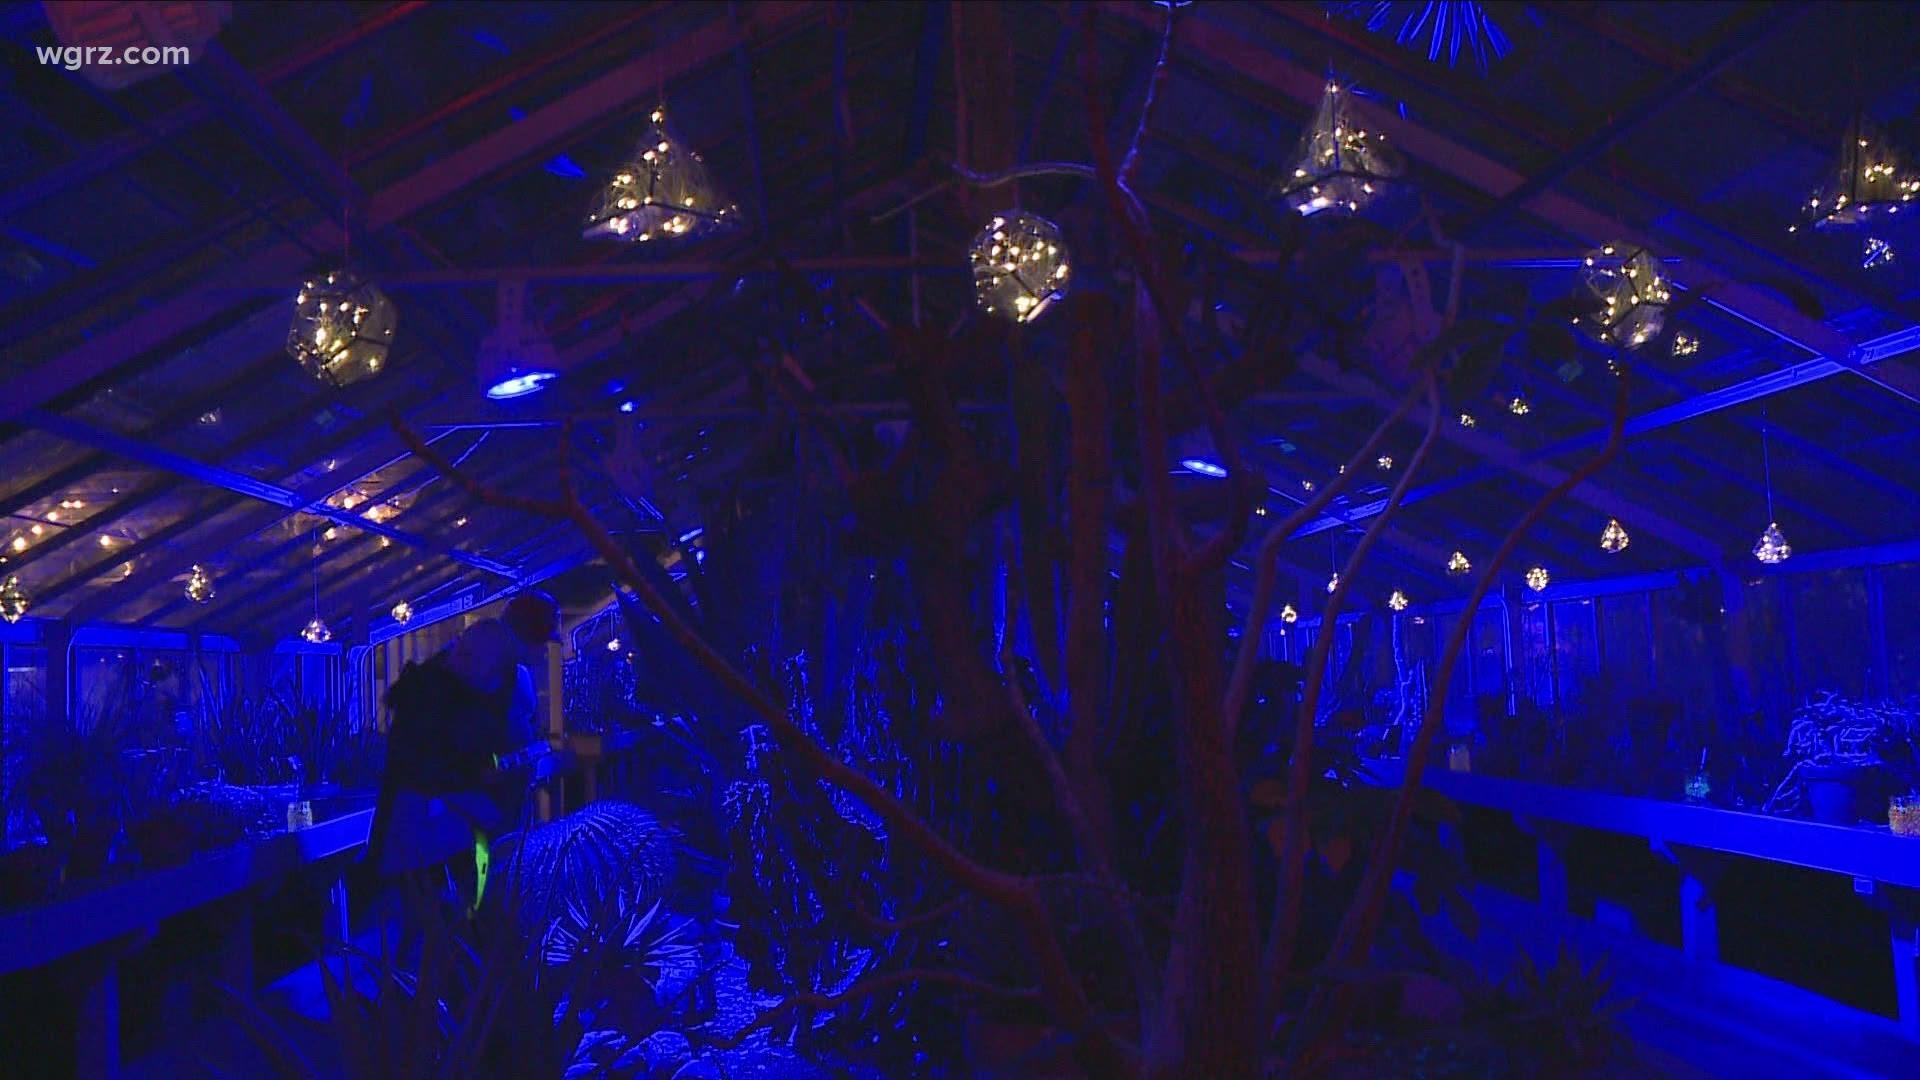 Enchanted Winter Escape Event Lights Up Botanical Gardens Wgrz Com